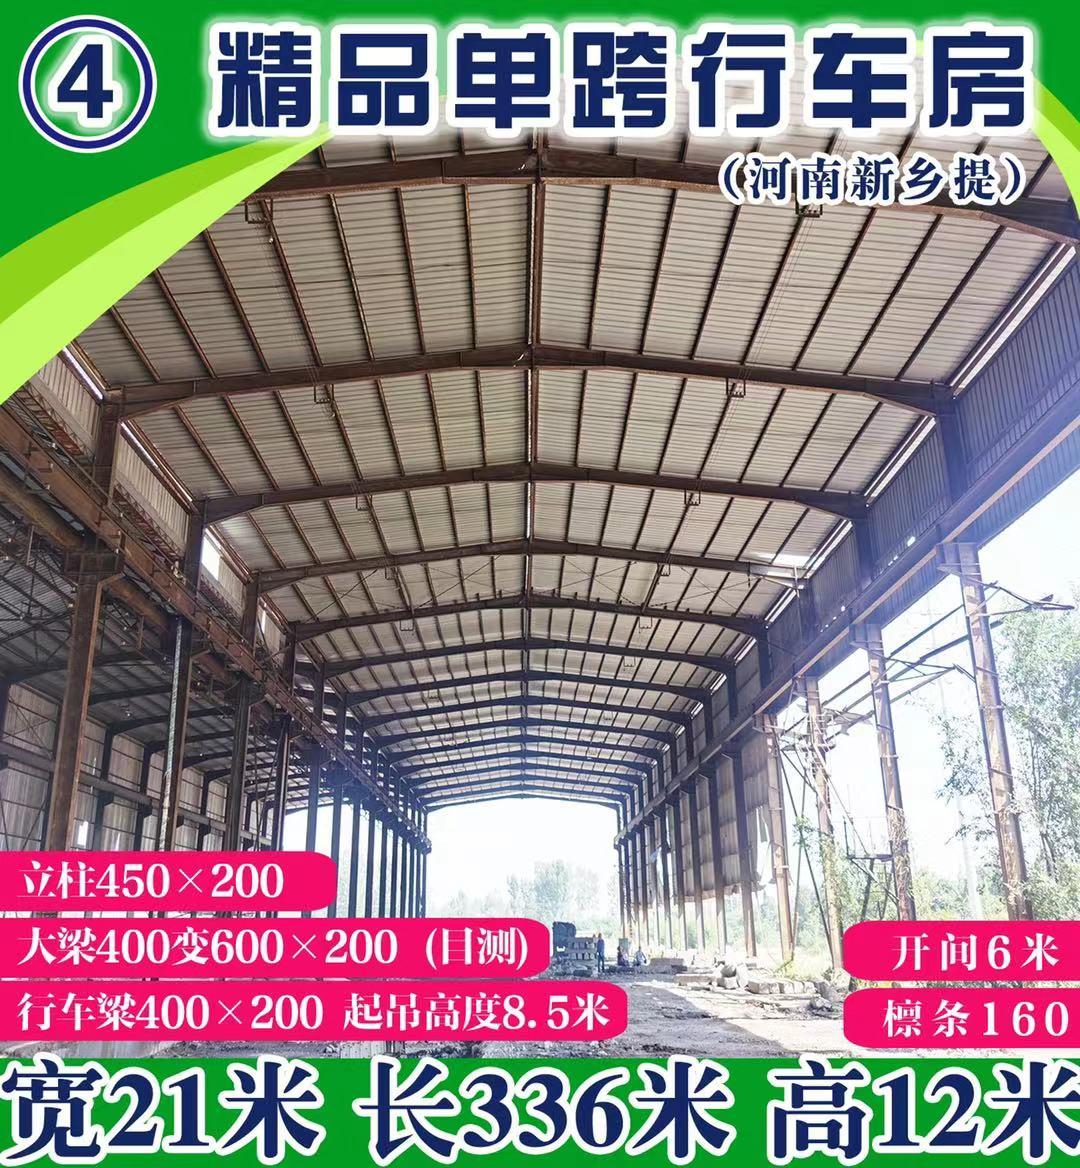 出售精品单跨行车房 宽21米 长336米 高12米